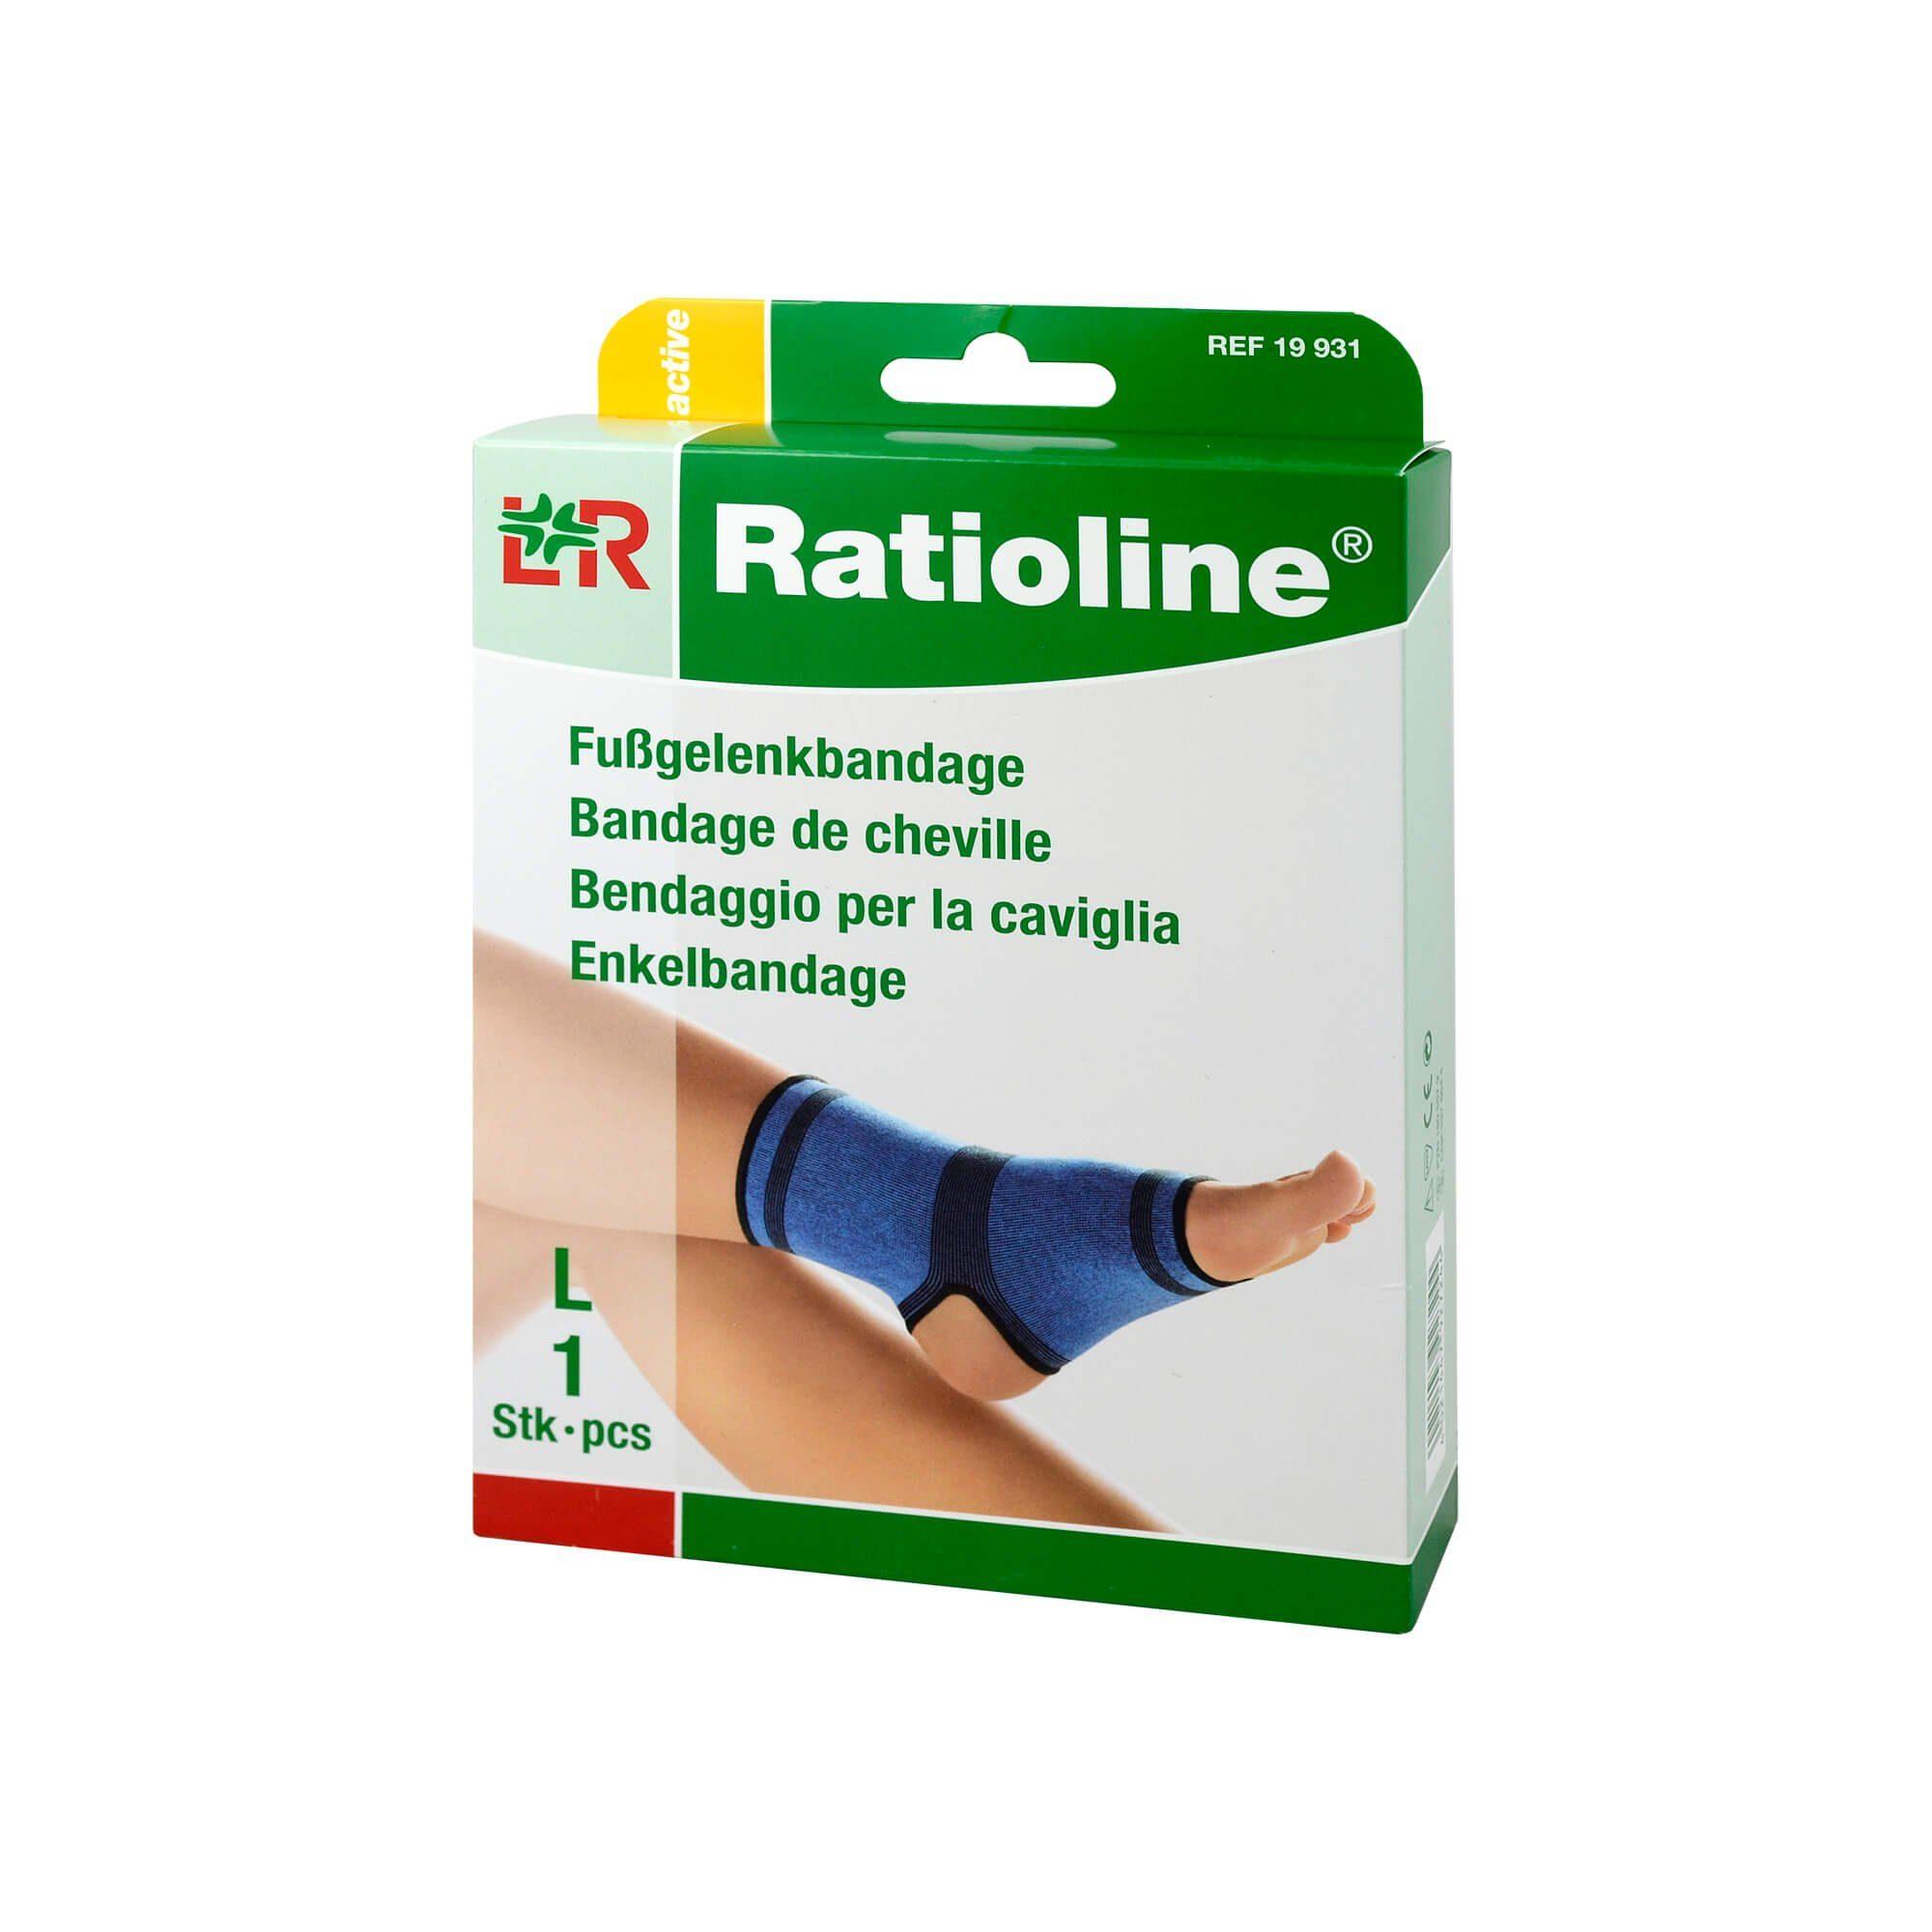 Ratioline Active Fußgelenkbandage Größe L , 1 St